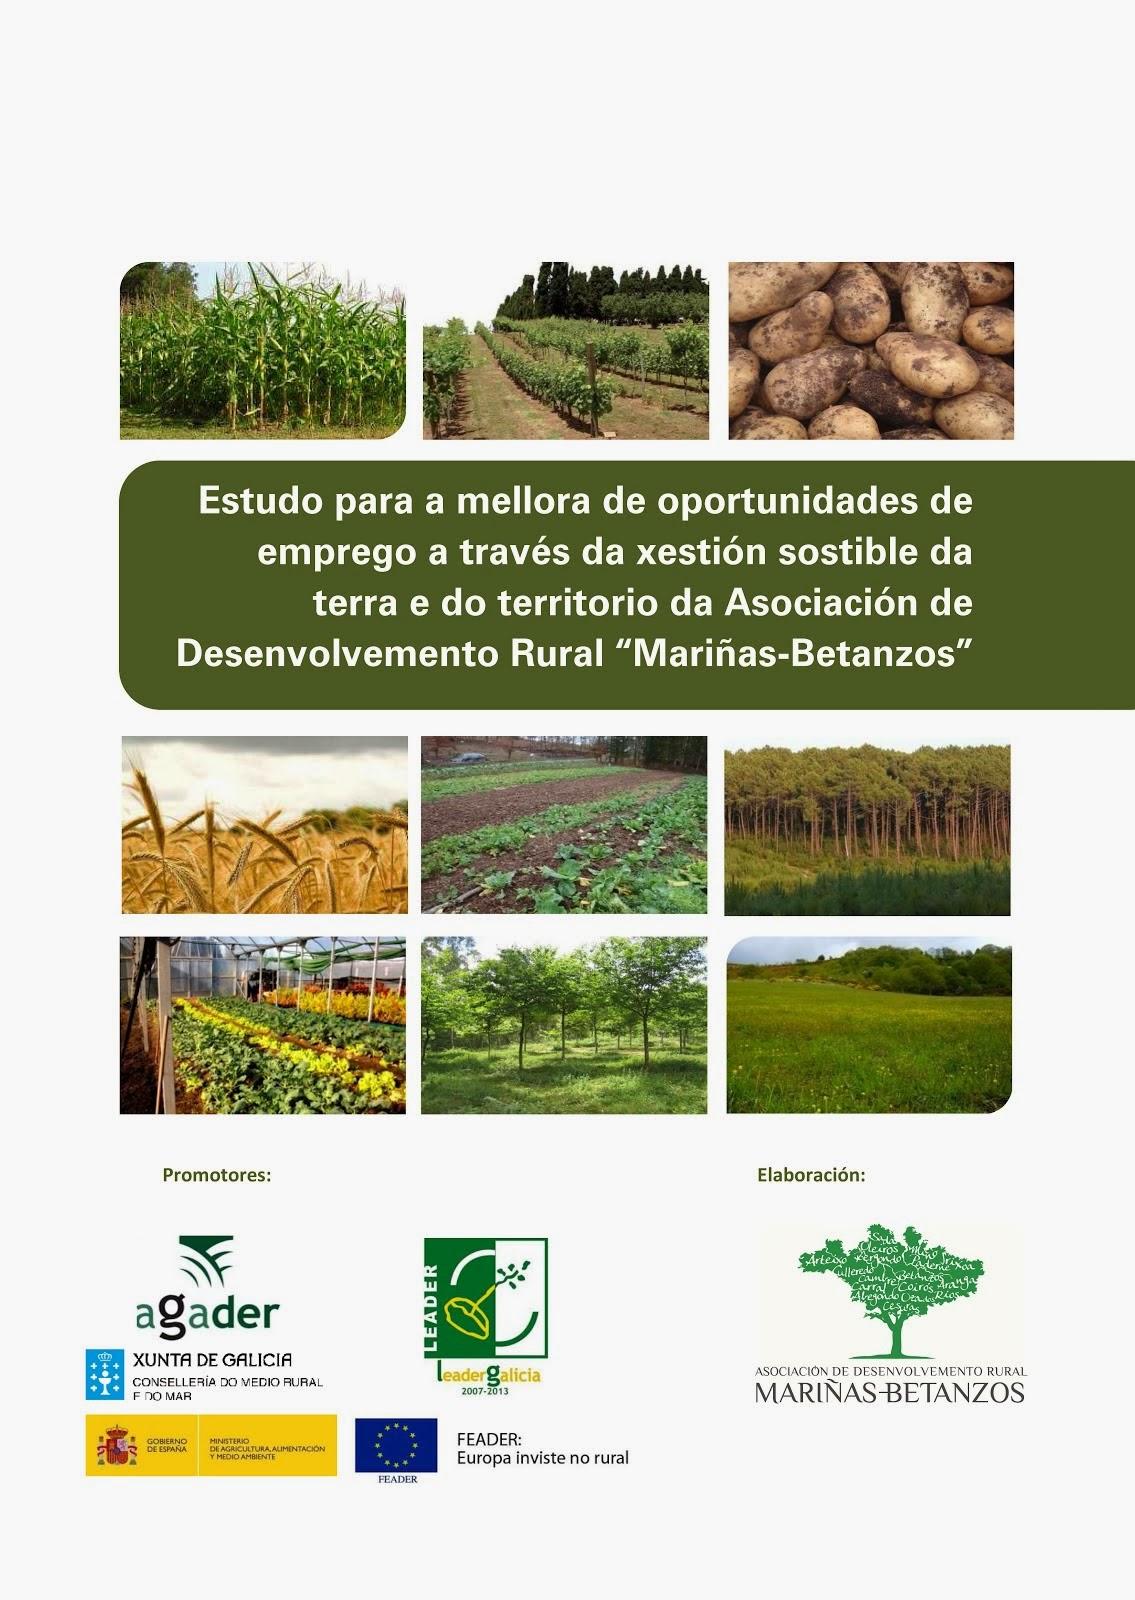 Estudo para a mellora de oportunidades de emprego a través da xestión sostible da terra